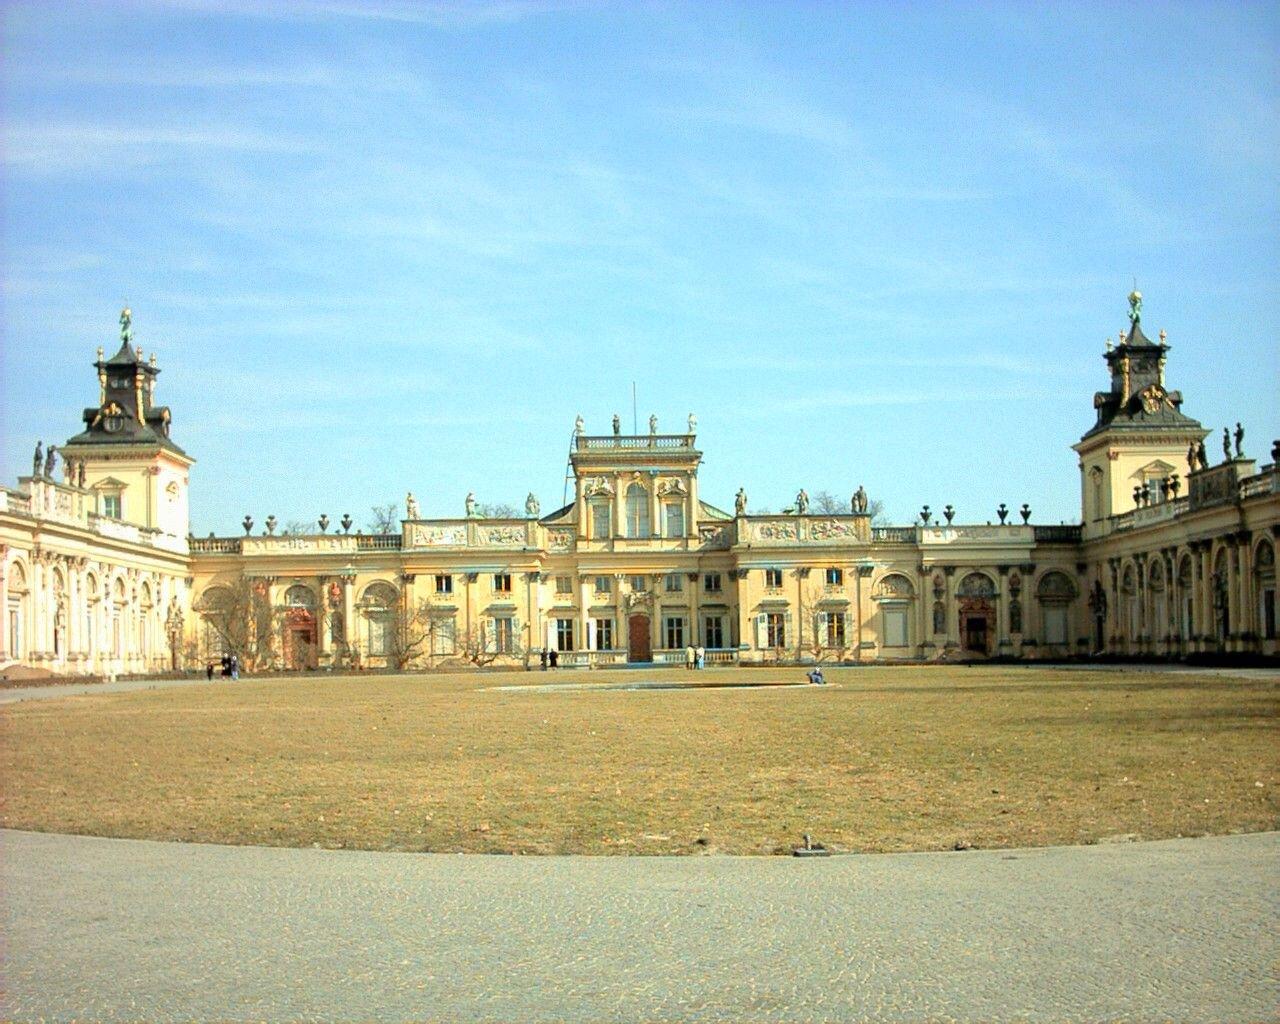 Pałac Jana III Sobieskiego wWilanowie pod Warszawą Pałac Jana III Sobieskiego wWilanowie pod Warszawą Źródło: Wojsyl, Wikimedia Commons, licencja: CC BY-SA 3.0.